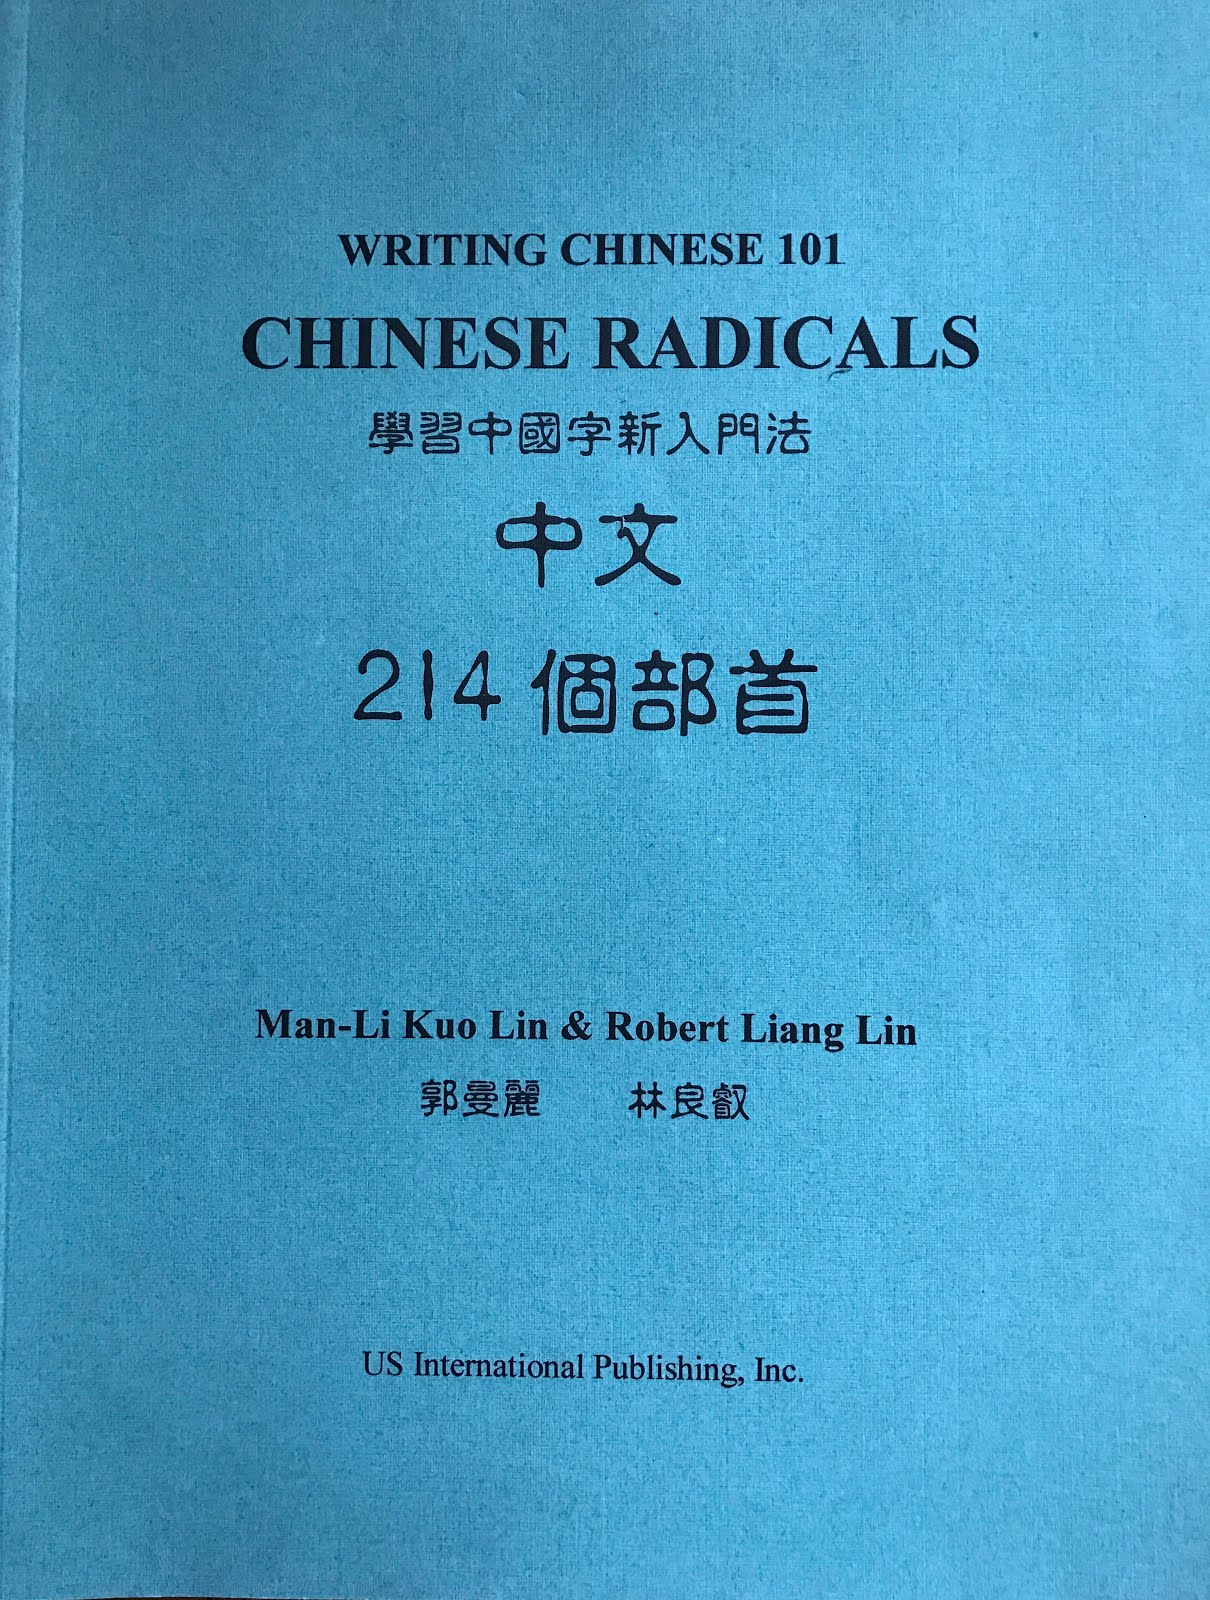 Writing Chinese 101-Chinese Radicals